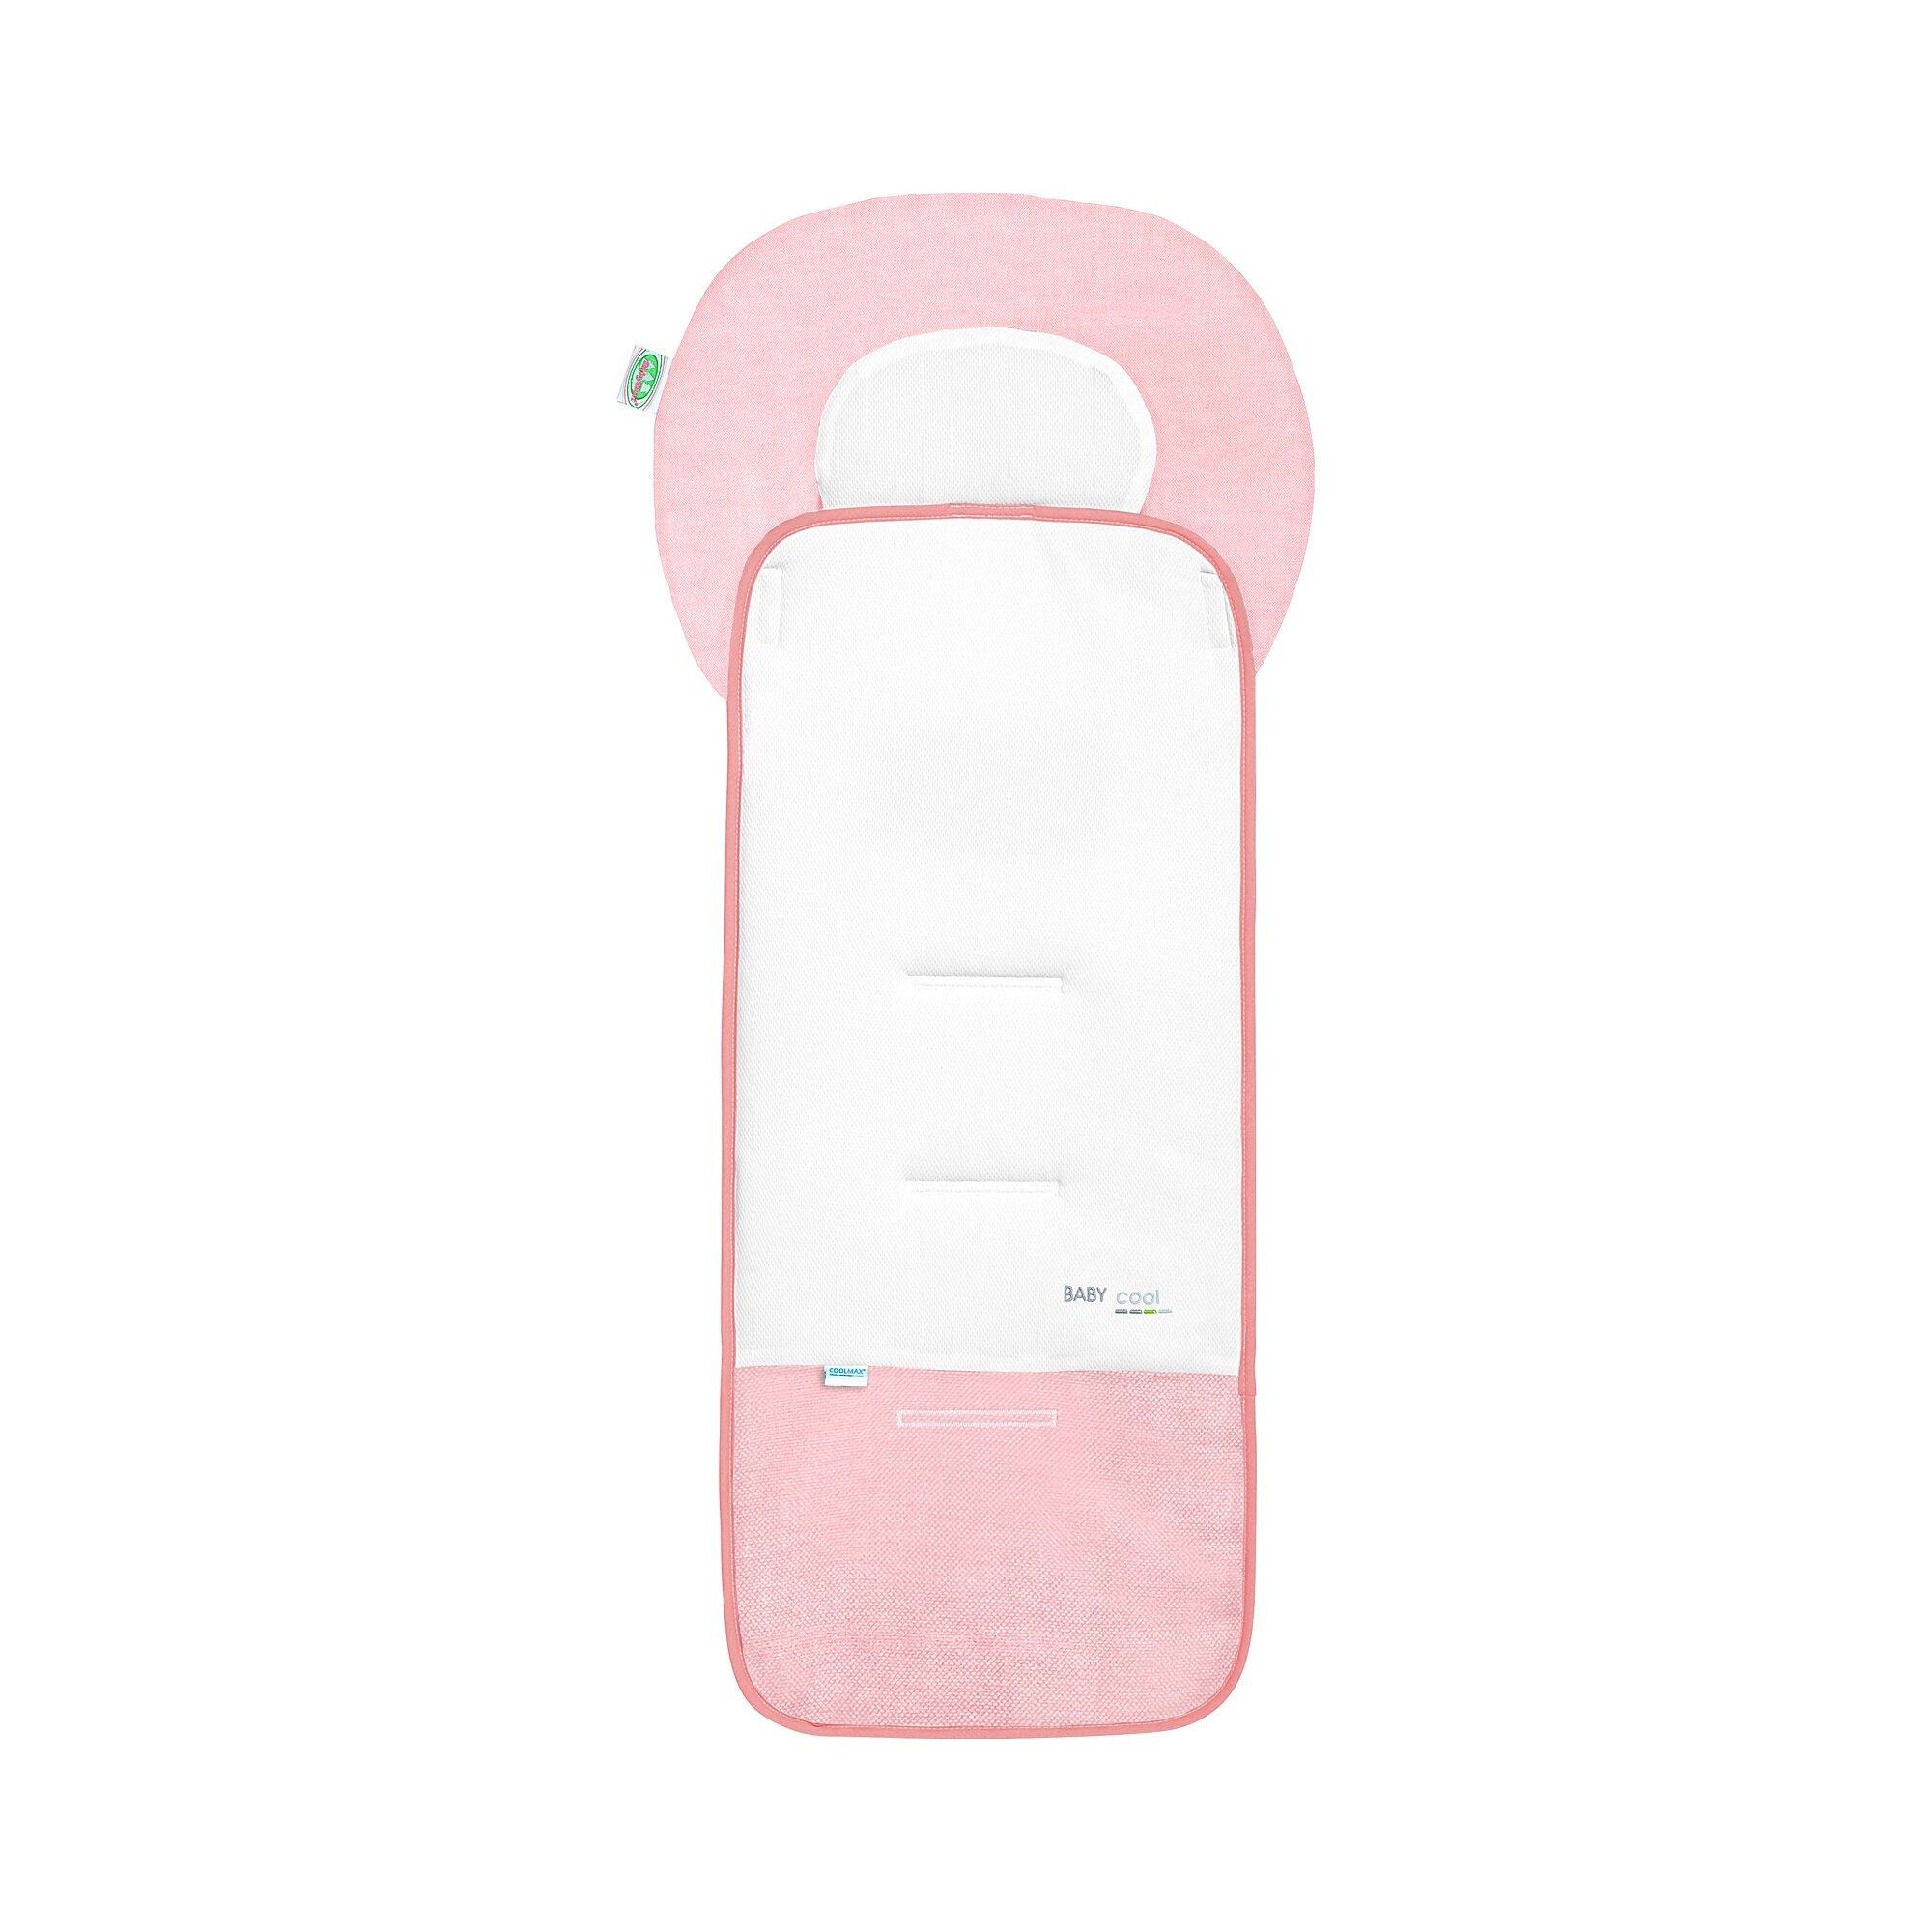 Odenwälder Sitzauflage Baby-Cool für Buggy, Kinderwagen rosa